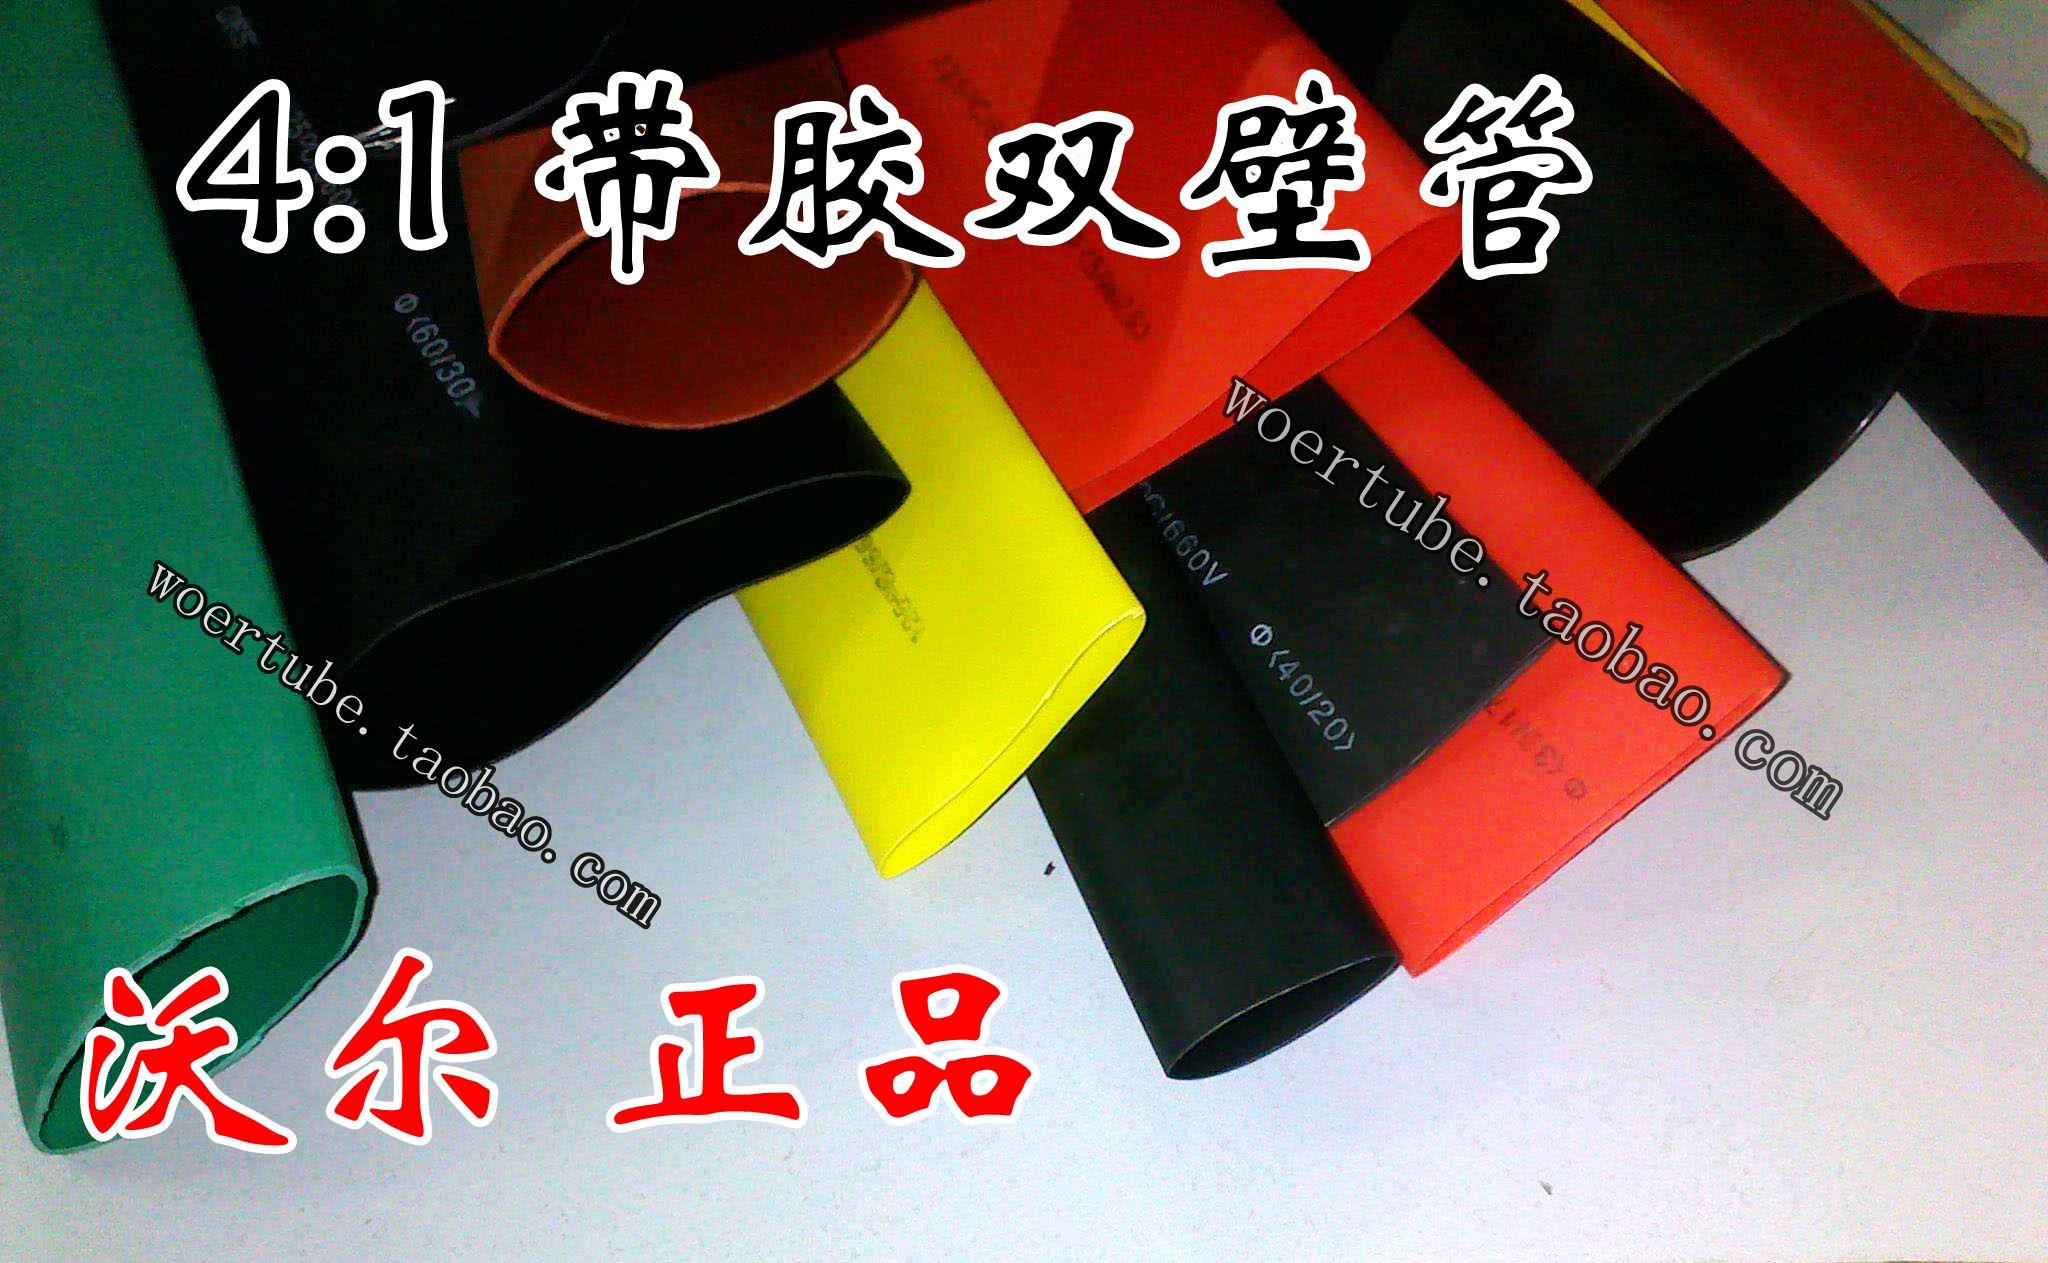 El Phi 6mm negro de doble pared de tubo 4 veces la contracción de doble pared de tubo de 4: 1 con pegamento de un rollo de 100 metros